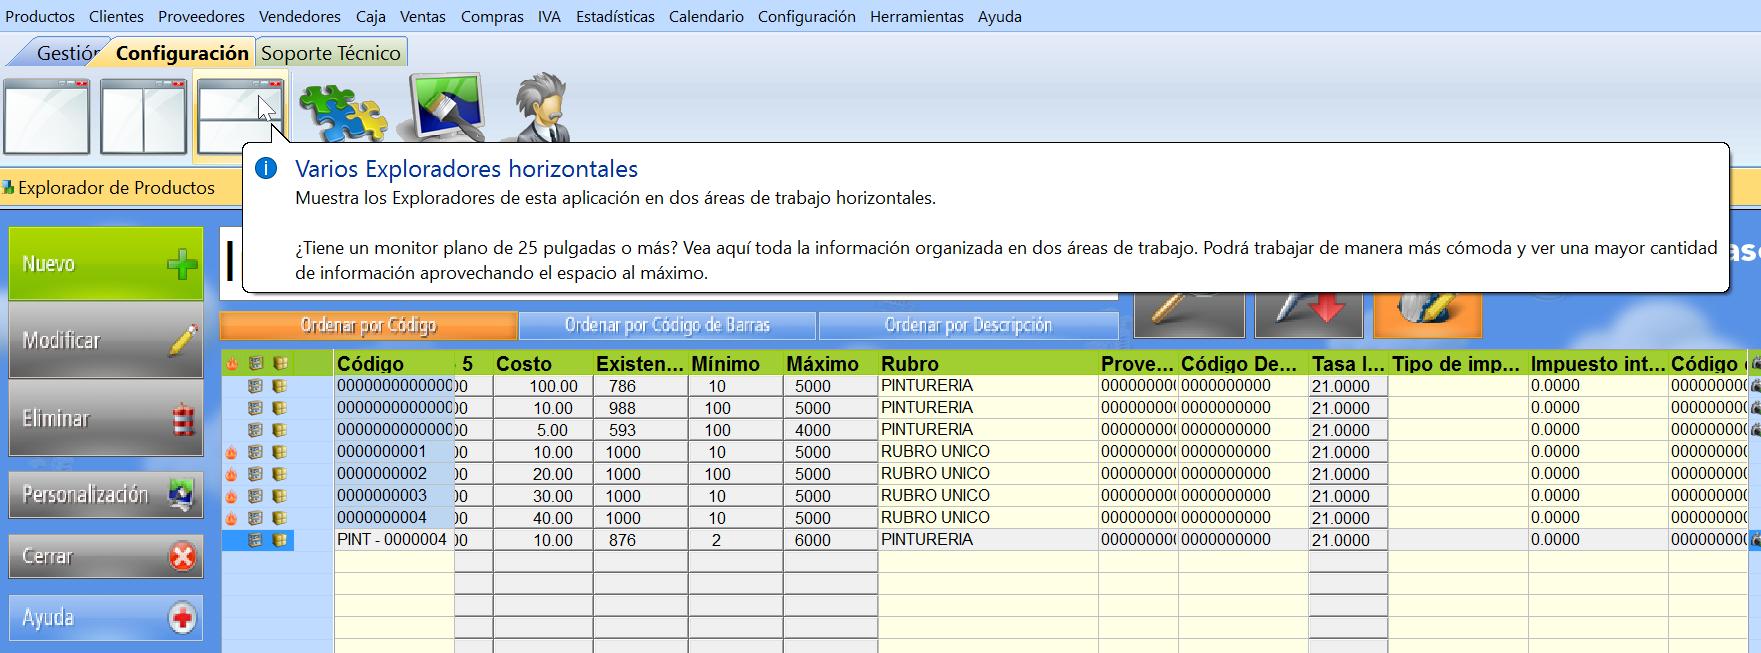 铆cono de varios exploradores horizontales en el menu de configuraci贸n del software de gestion